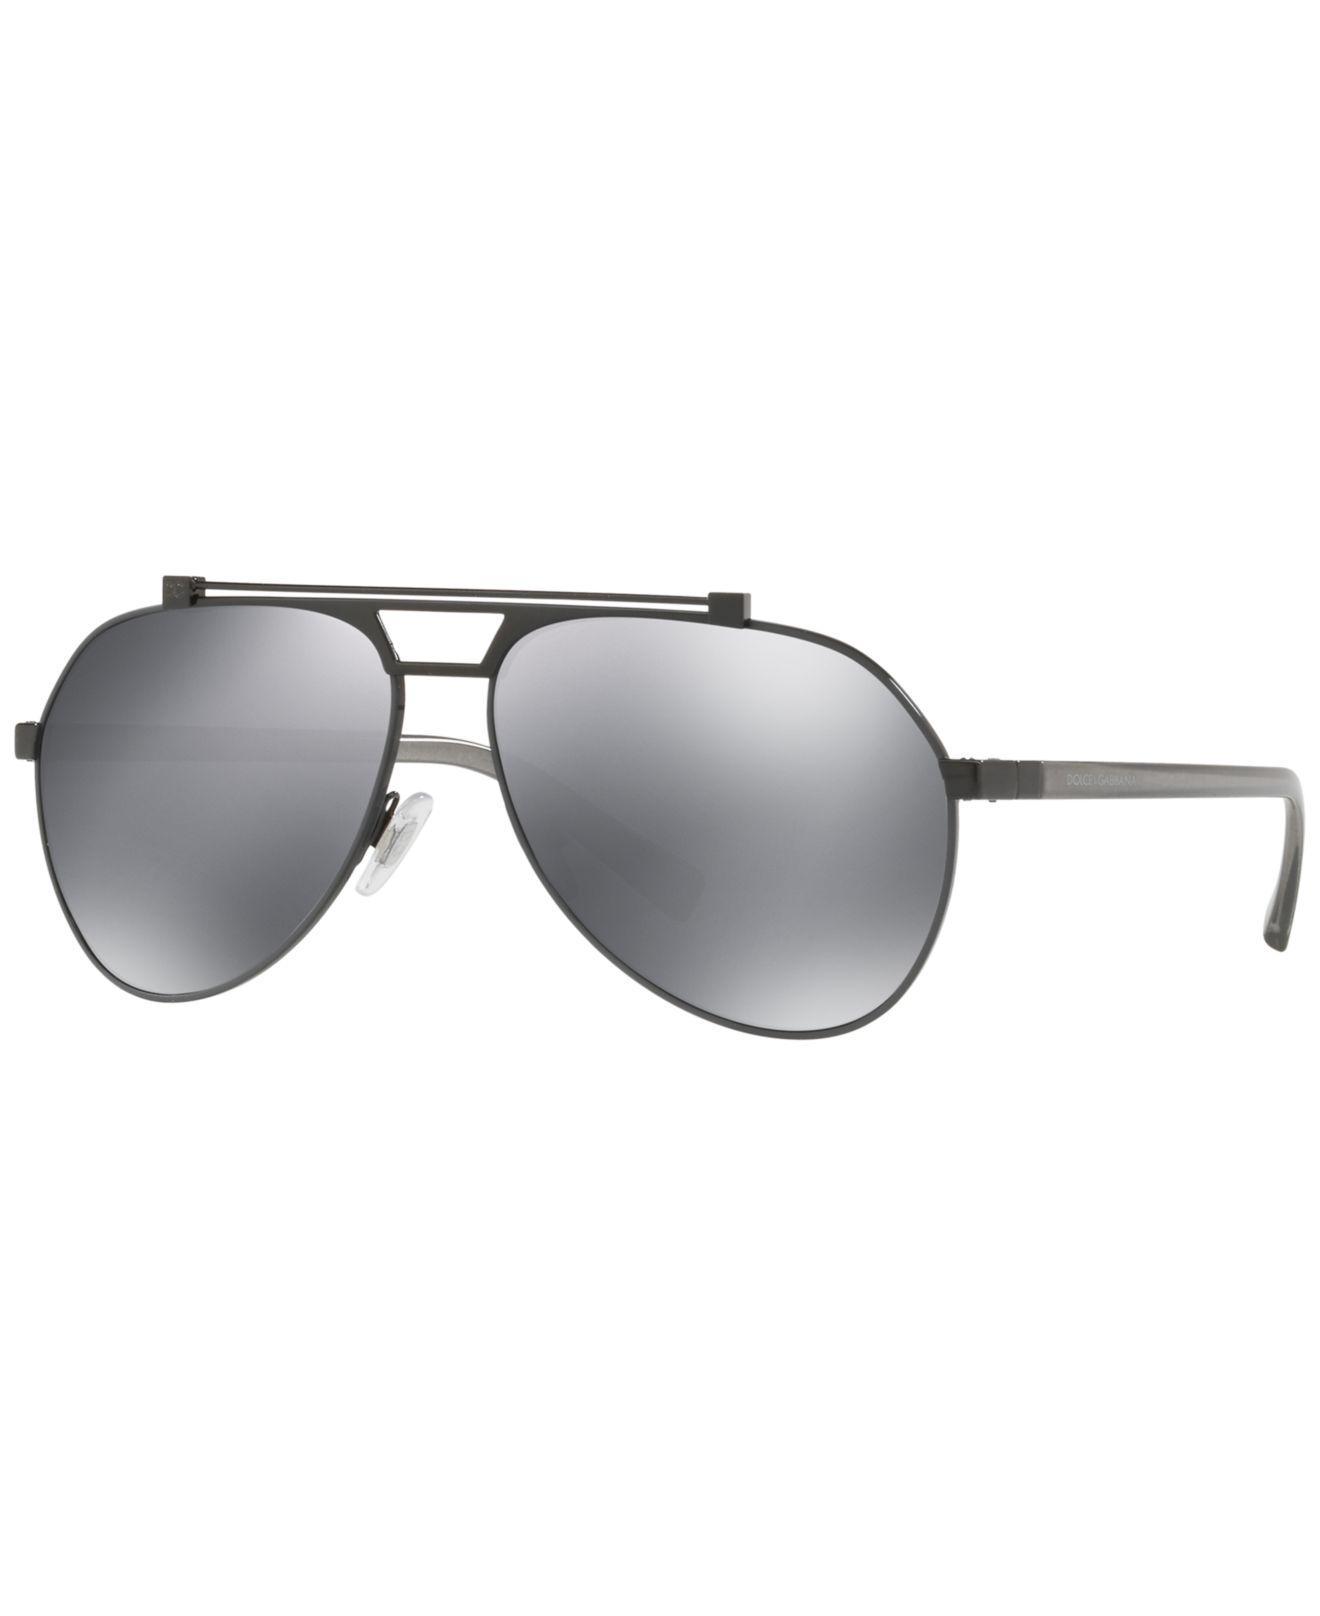 087b308c07fcc Lyst - Dolce   Gabbana Dg2189 in Gray for Men